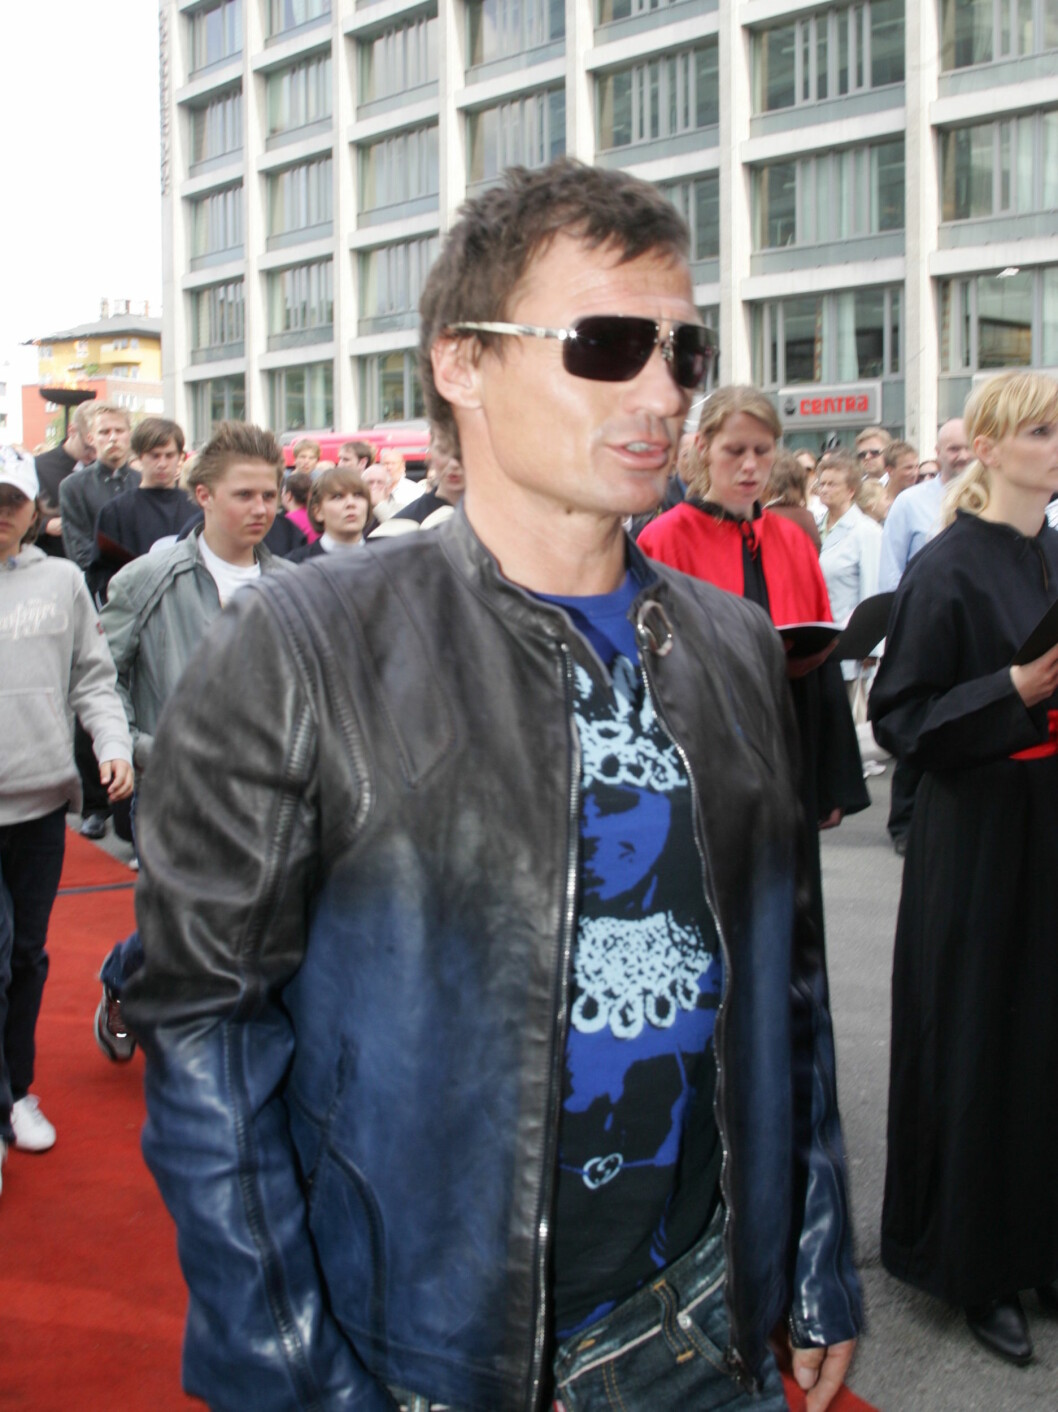 FESTKLAR: Petter Stordalen var en av mange kjendiser som dukket opp på tirsdagens premiere. Foto: Stella Pictures